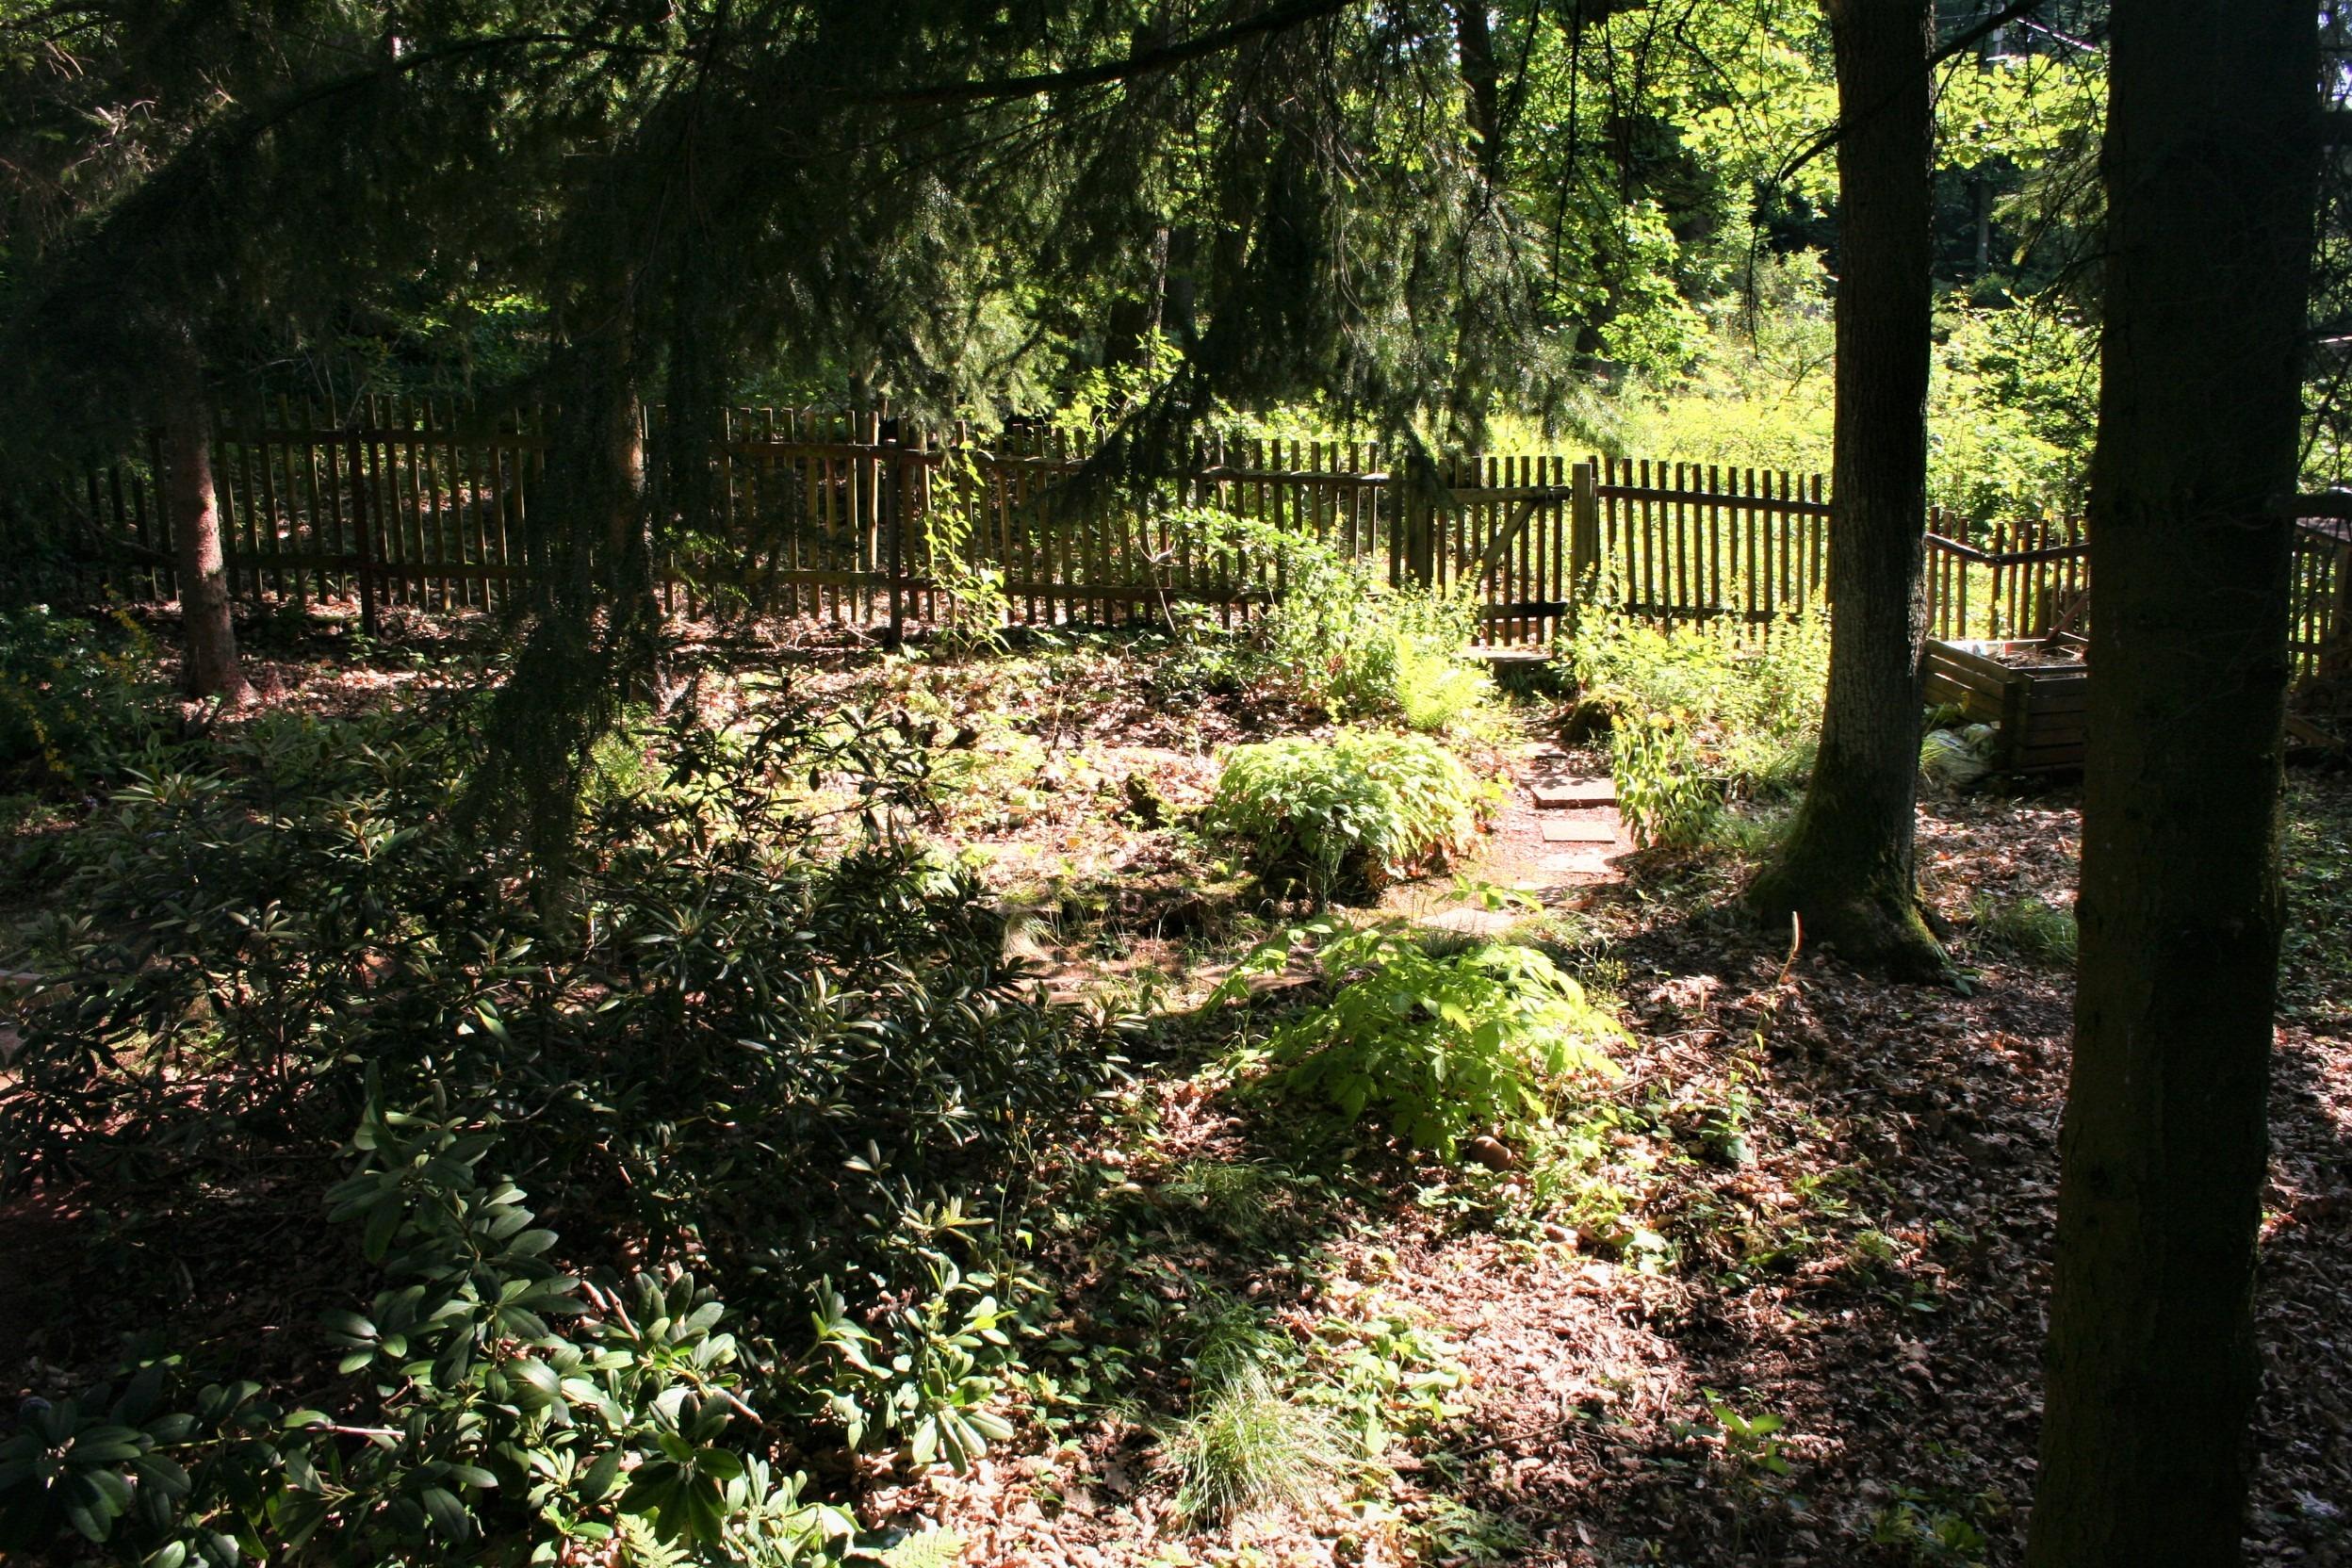 Wochenendgrundstück in Gorenzen - Natur pur - Blick in den oberen Garten